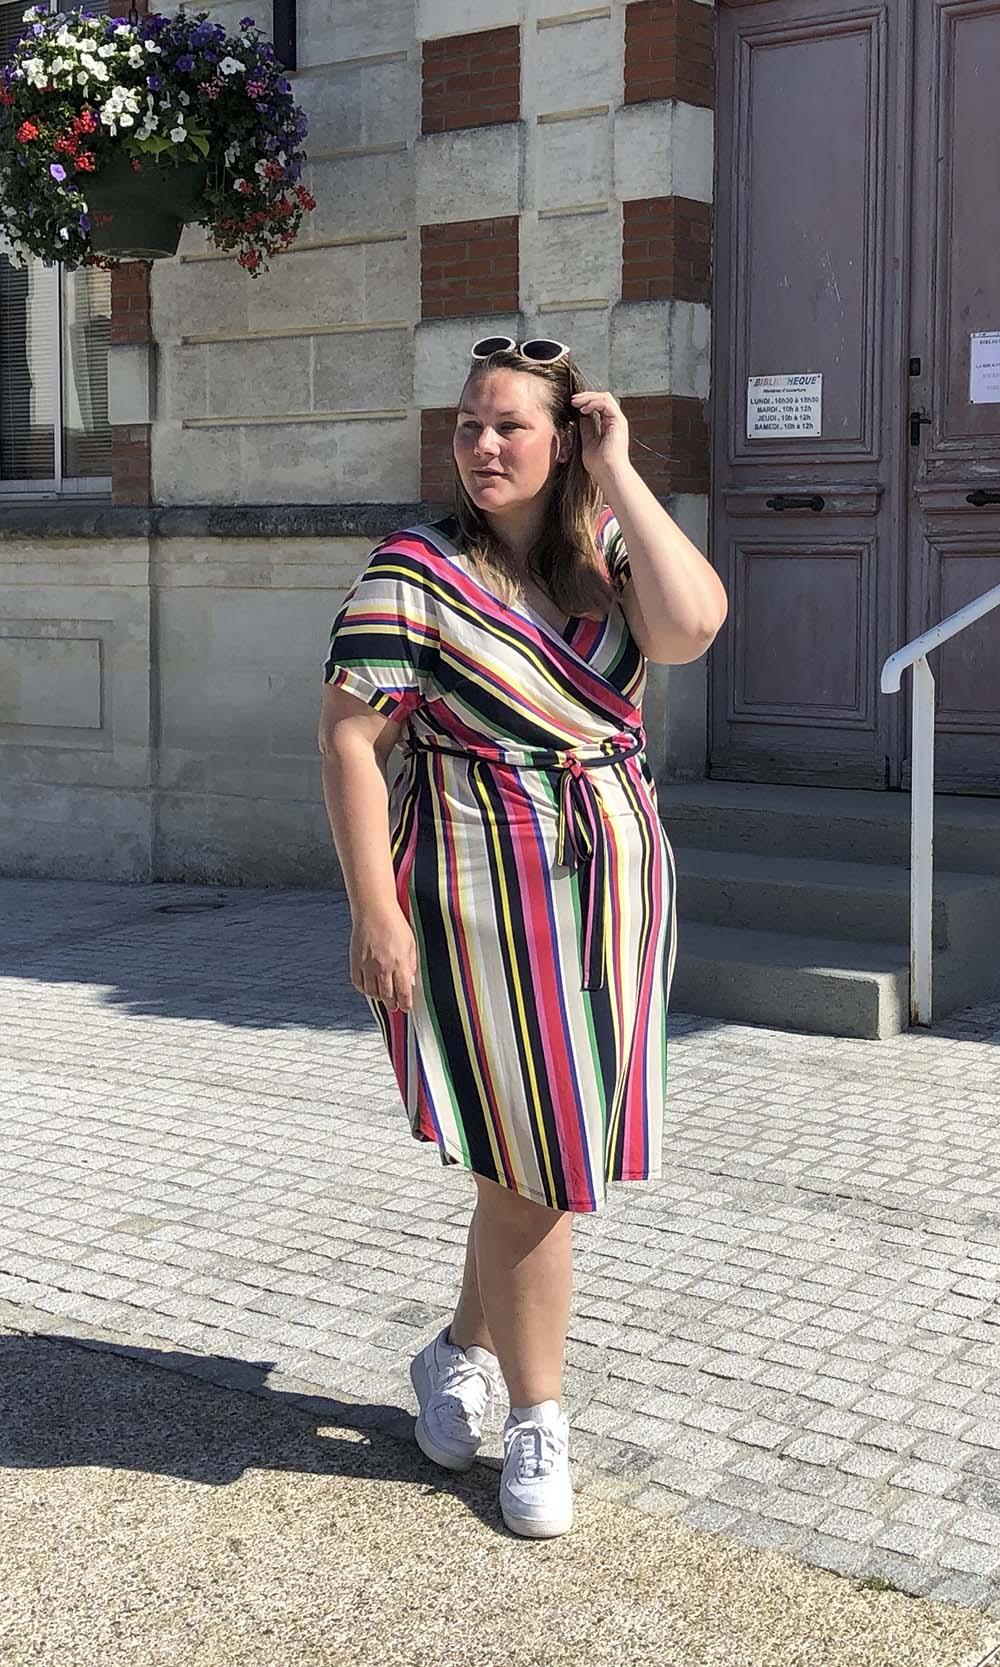 plus size fashion blogger in zuid Frankrijk in een jurk van hema met strepen en witte sneakers